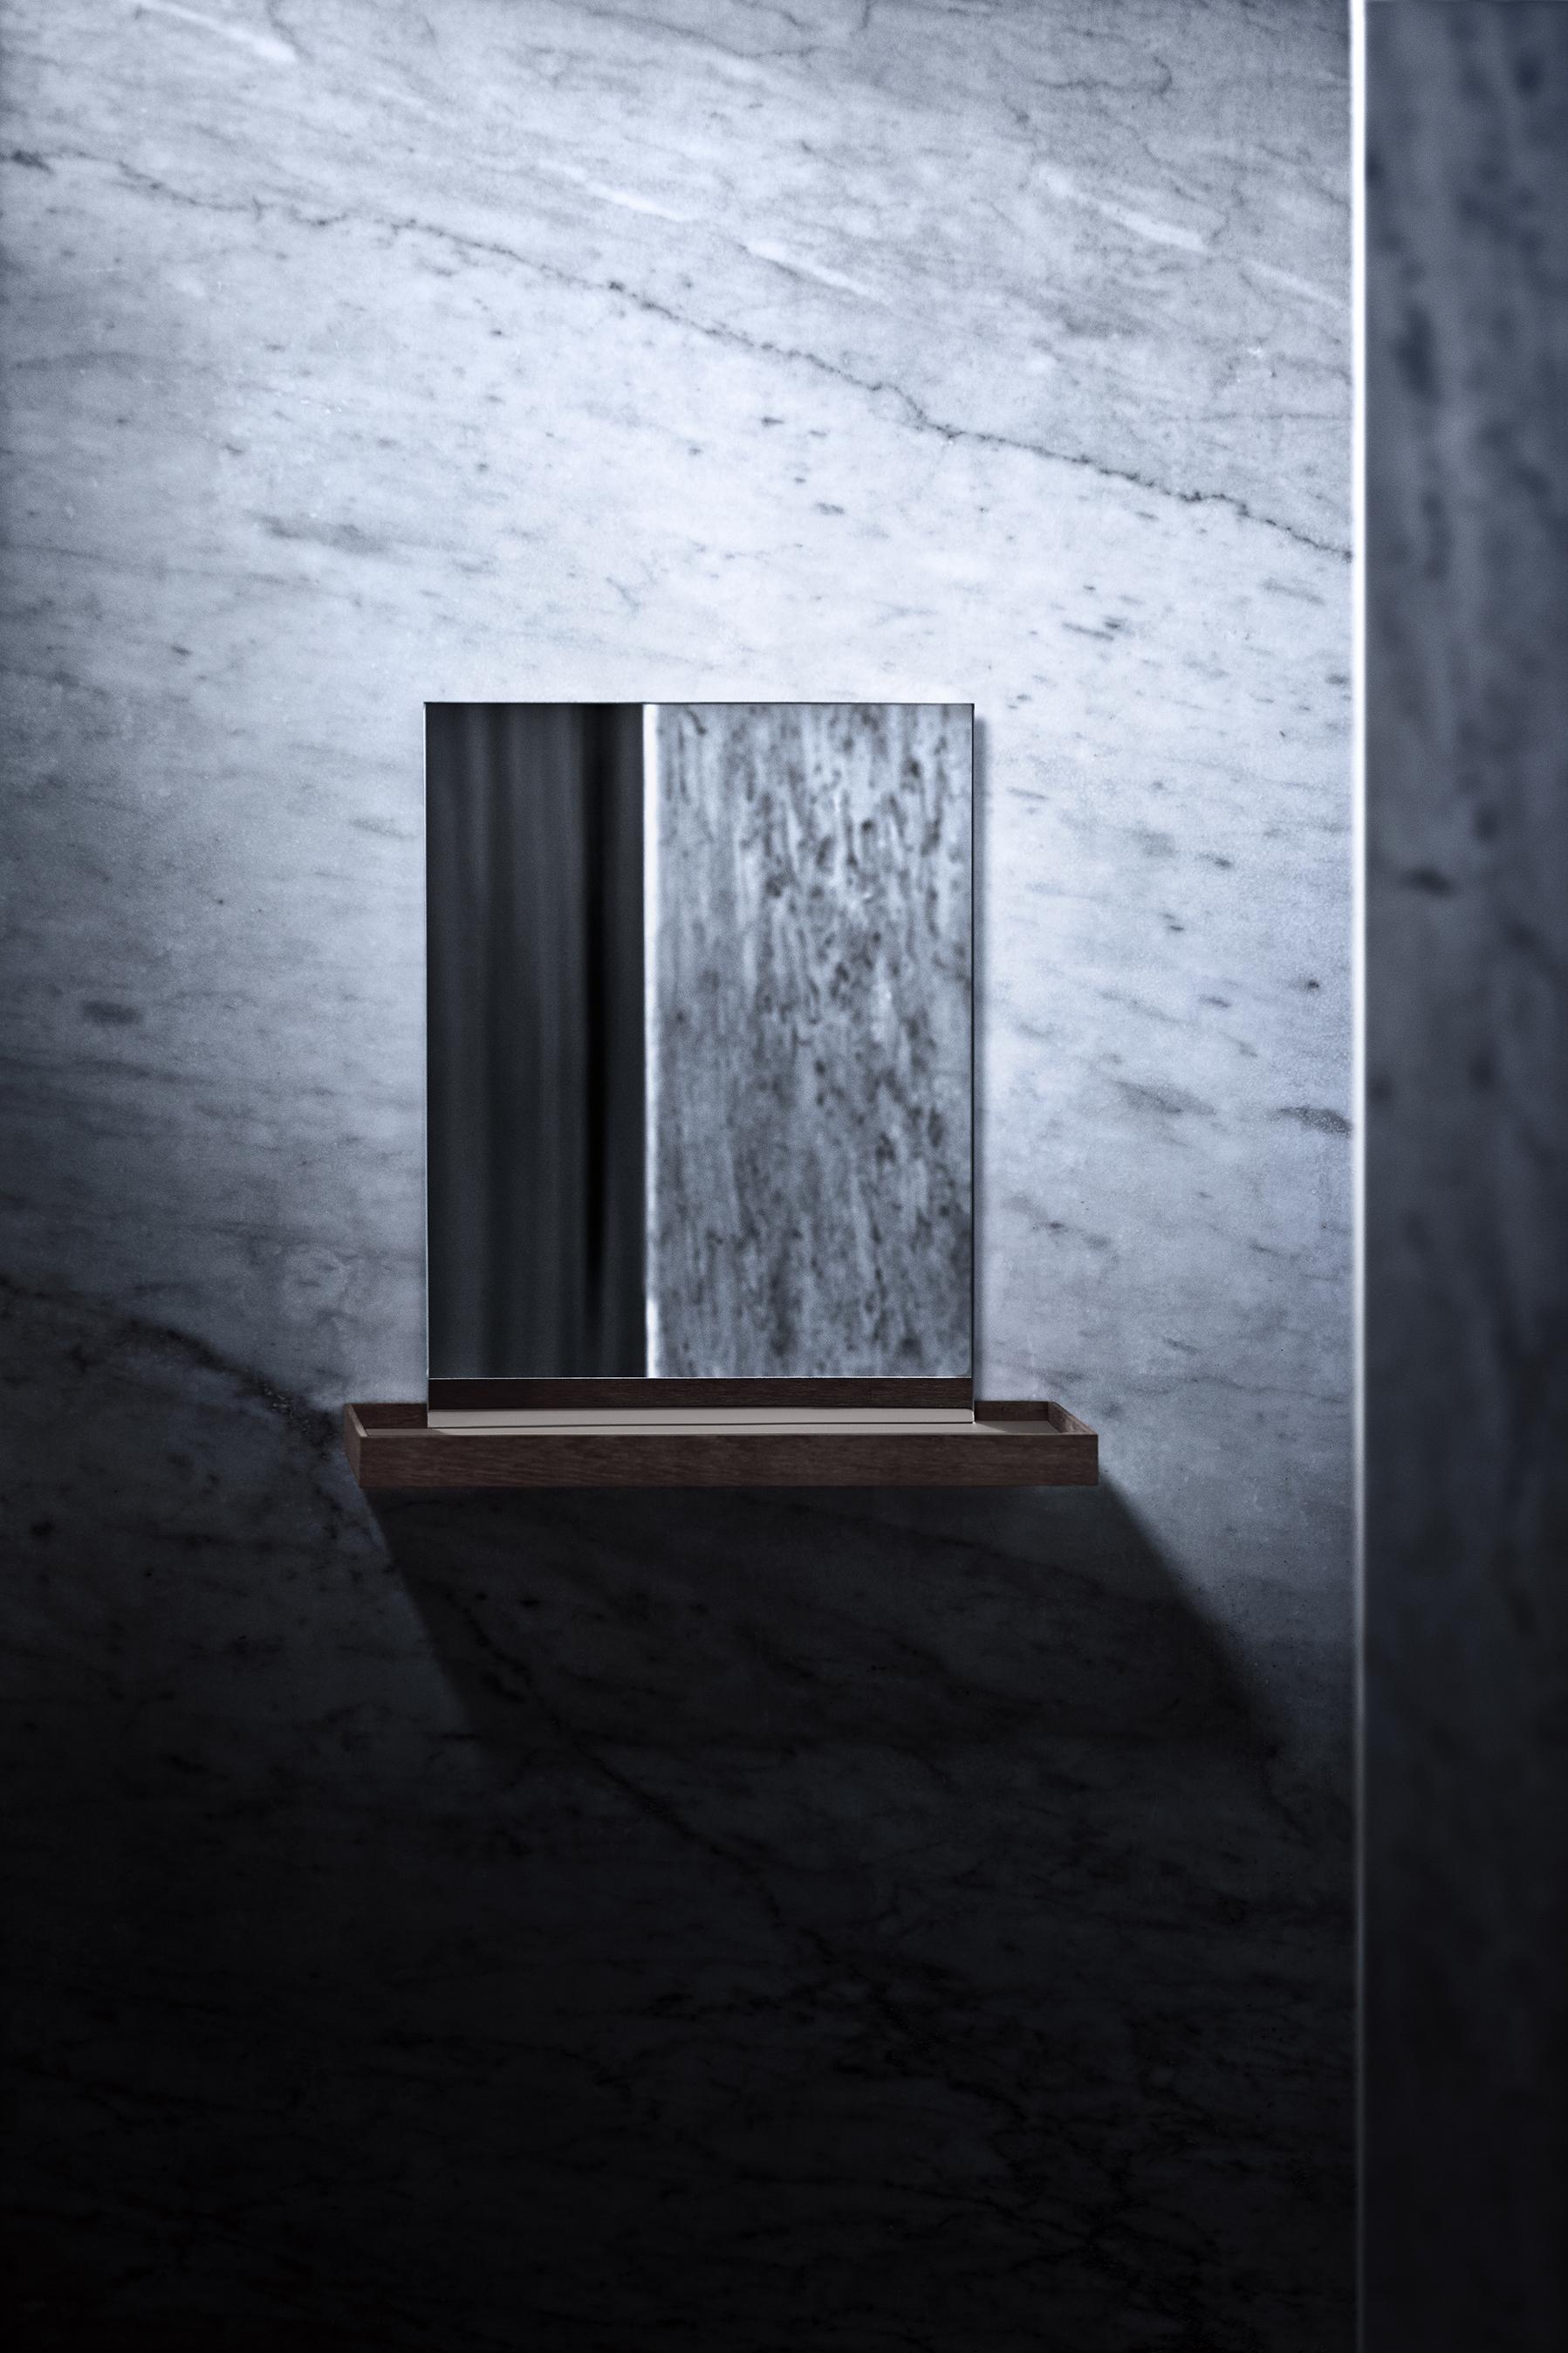 JohansenFaurschou_Frame_mirror_hanging.jpg